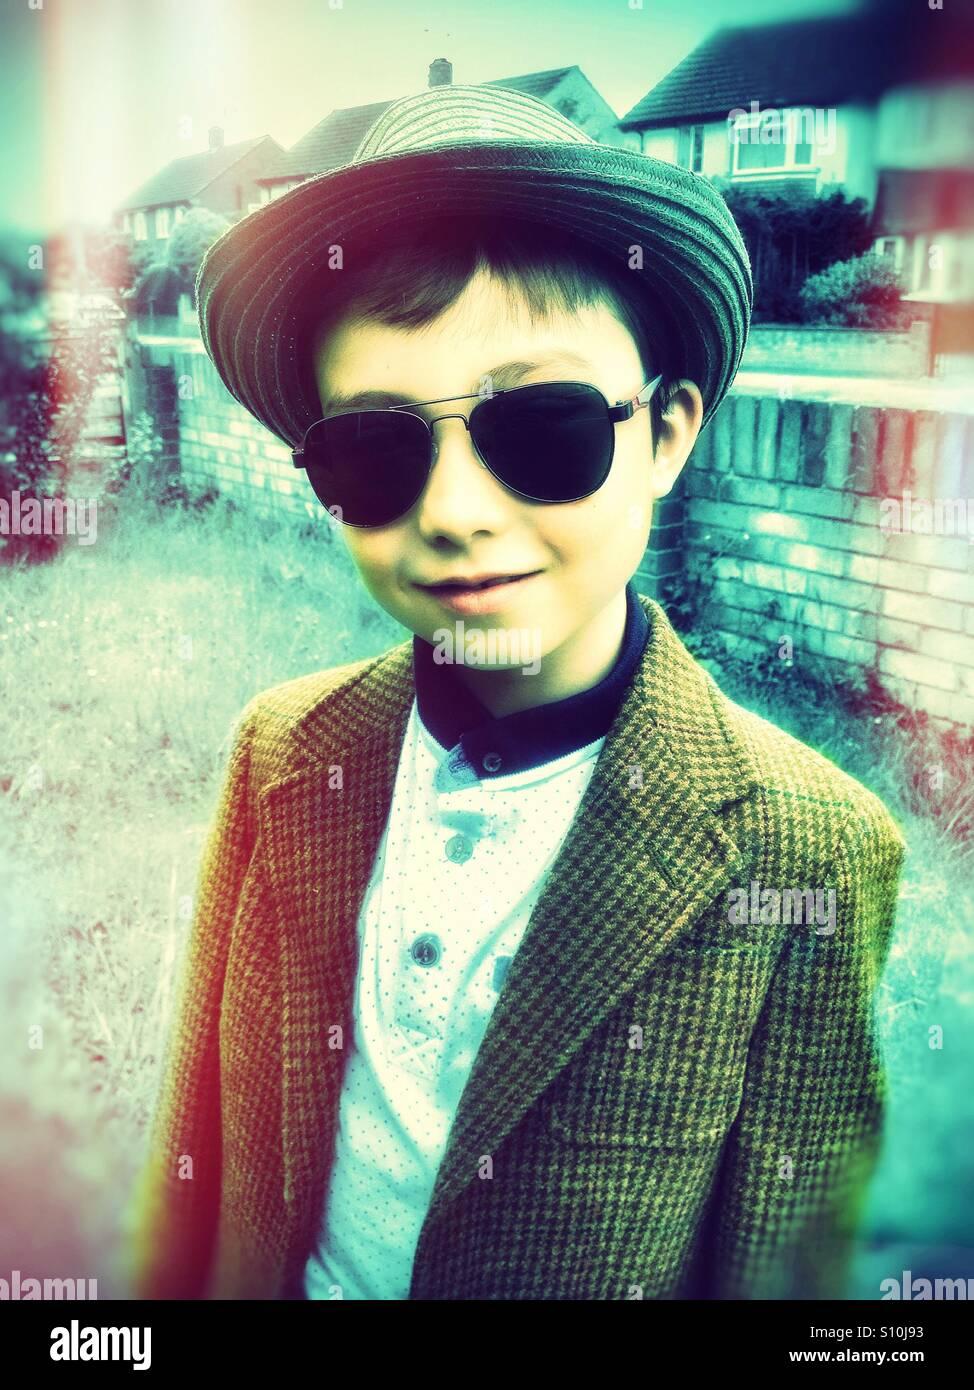 Un joven llevaba una gorra y gafas de sol. Imagen De Stock